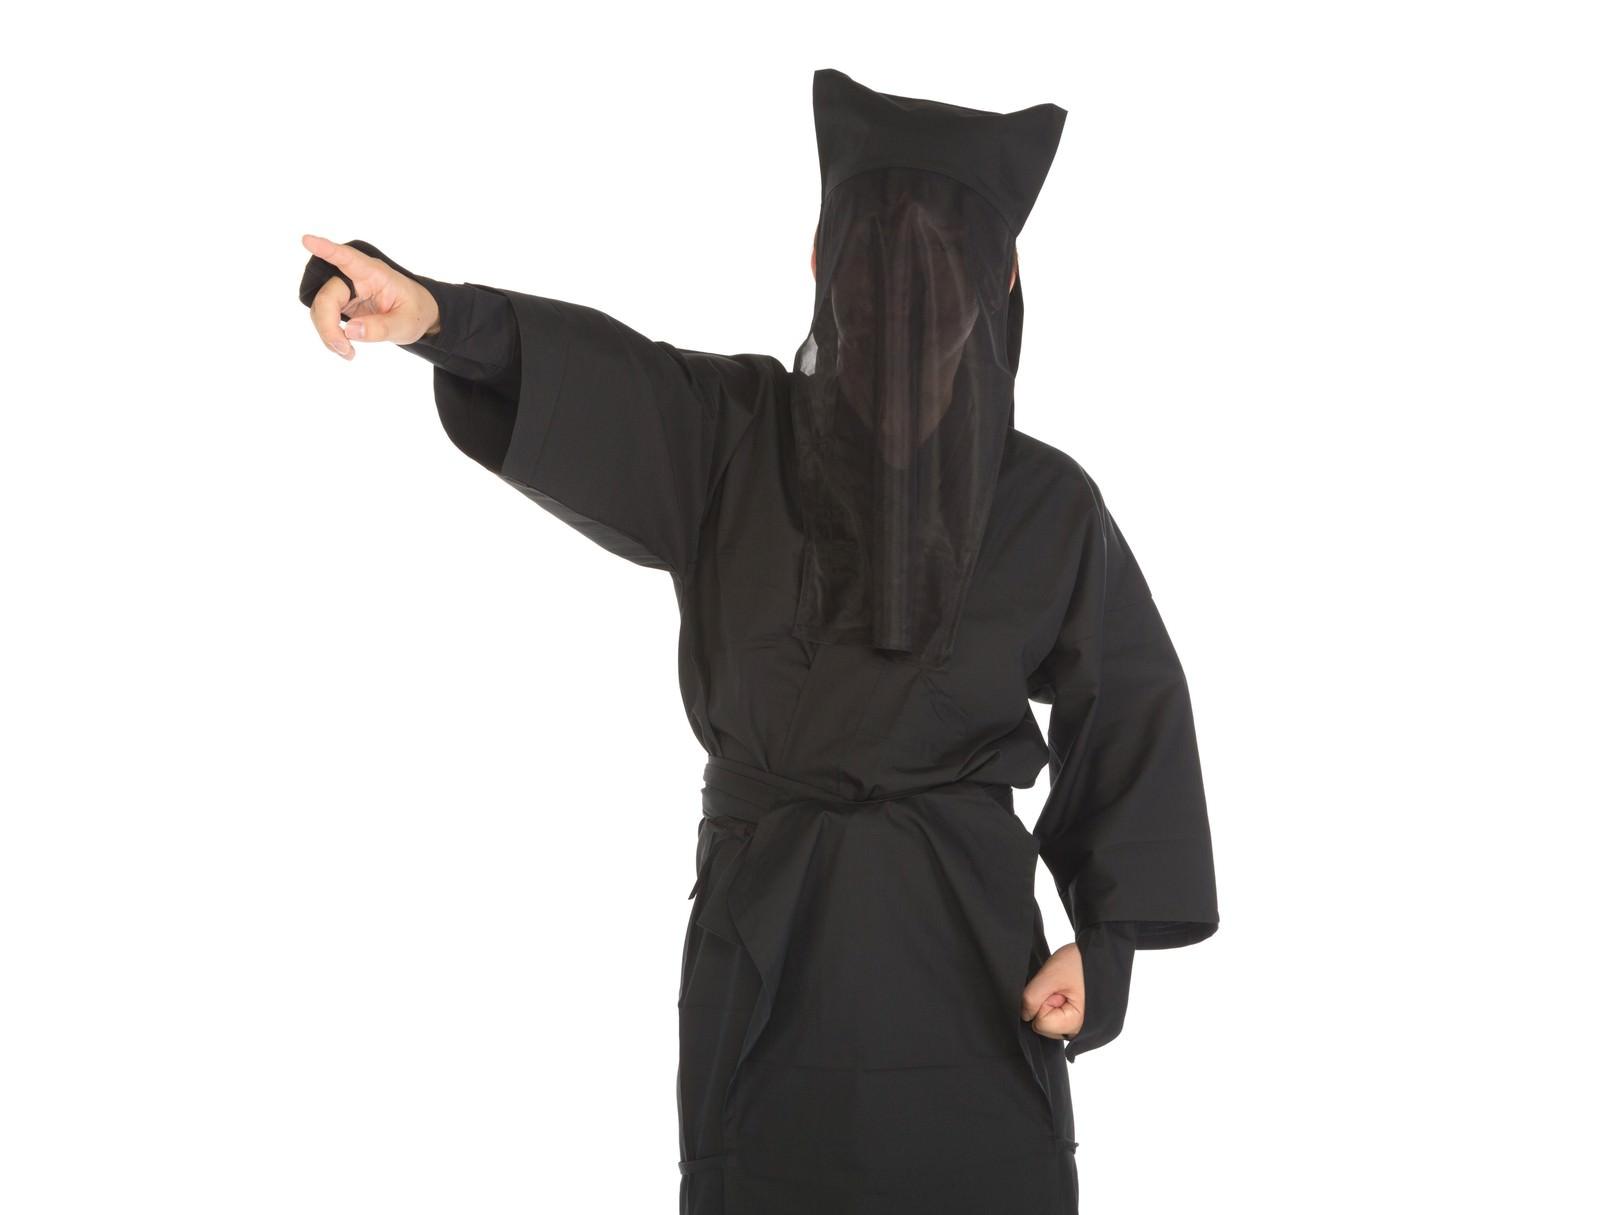 「遠くを指さす黒子」の写真[モデル:鈴木秀]